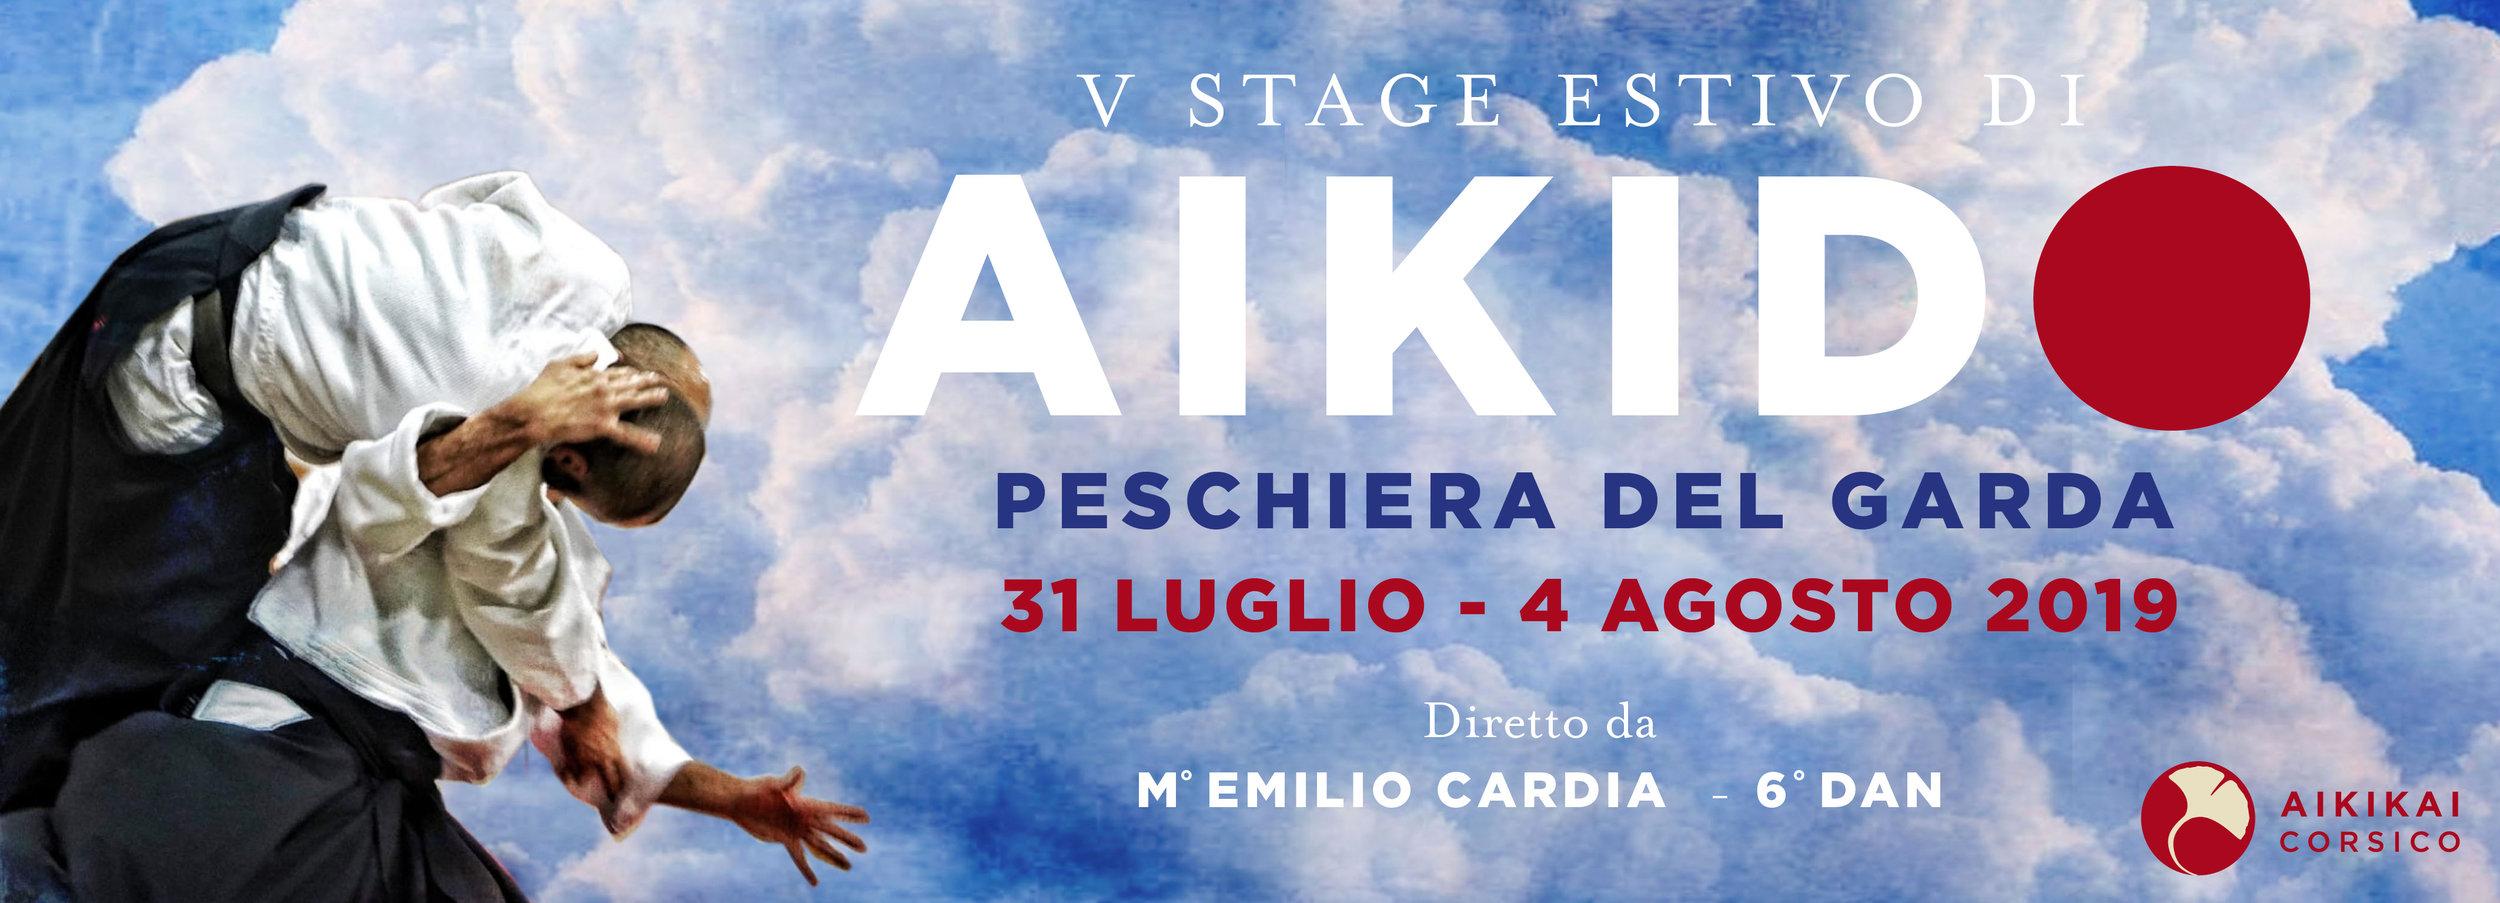 5° stage estivo condotto da Emilio Cardia, Vl dan Aikikai